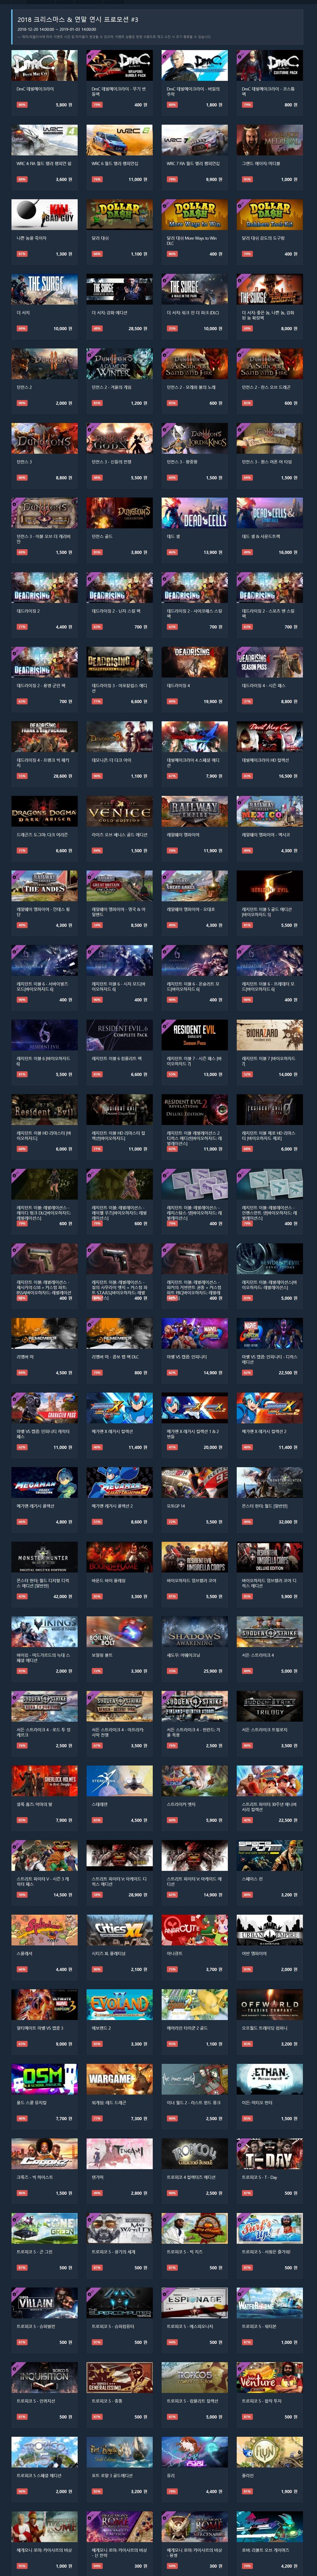 Screenshot_2018-12-20 다이렉트게임즈 - 이벤트(2).jpg